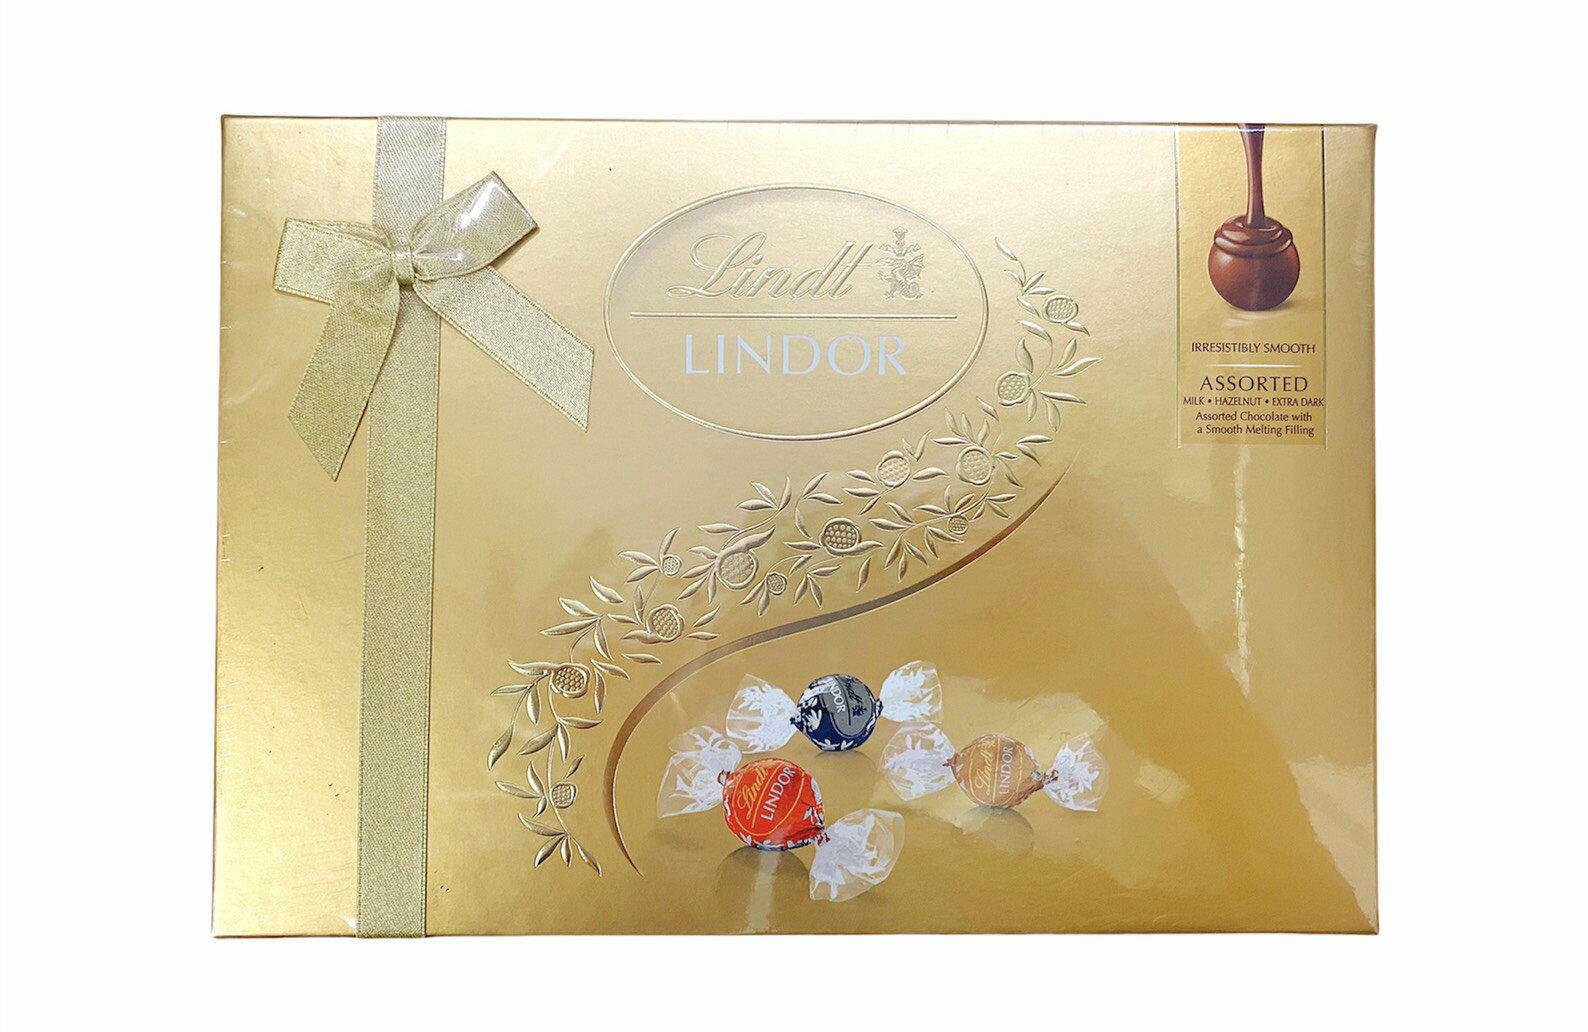 瑞士蓮 Lindor夾餡綜合巧克力禮盒 14入 168g